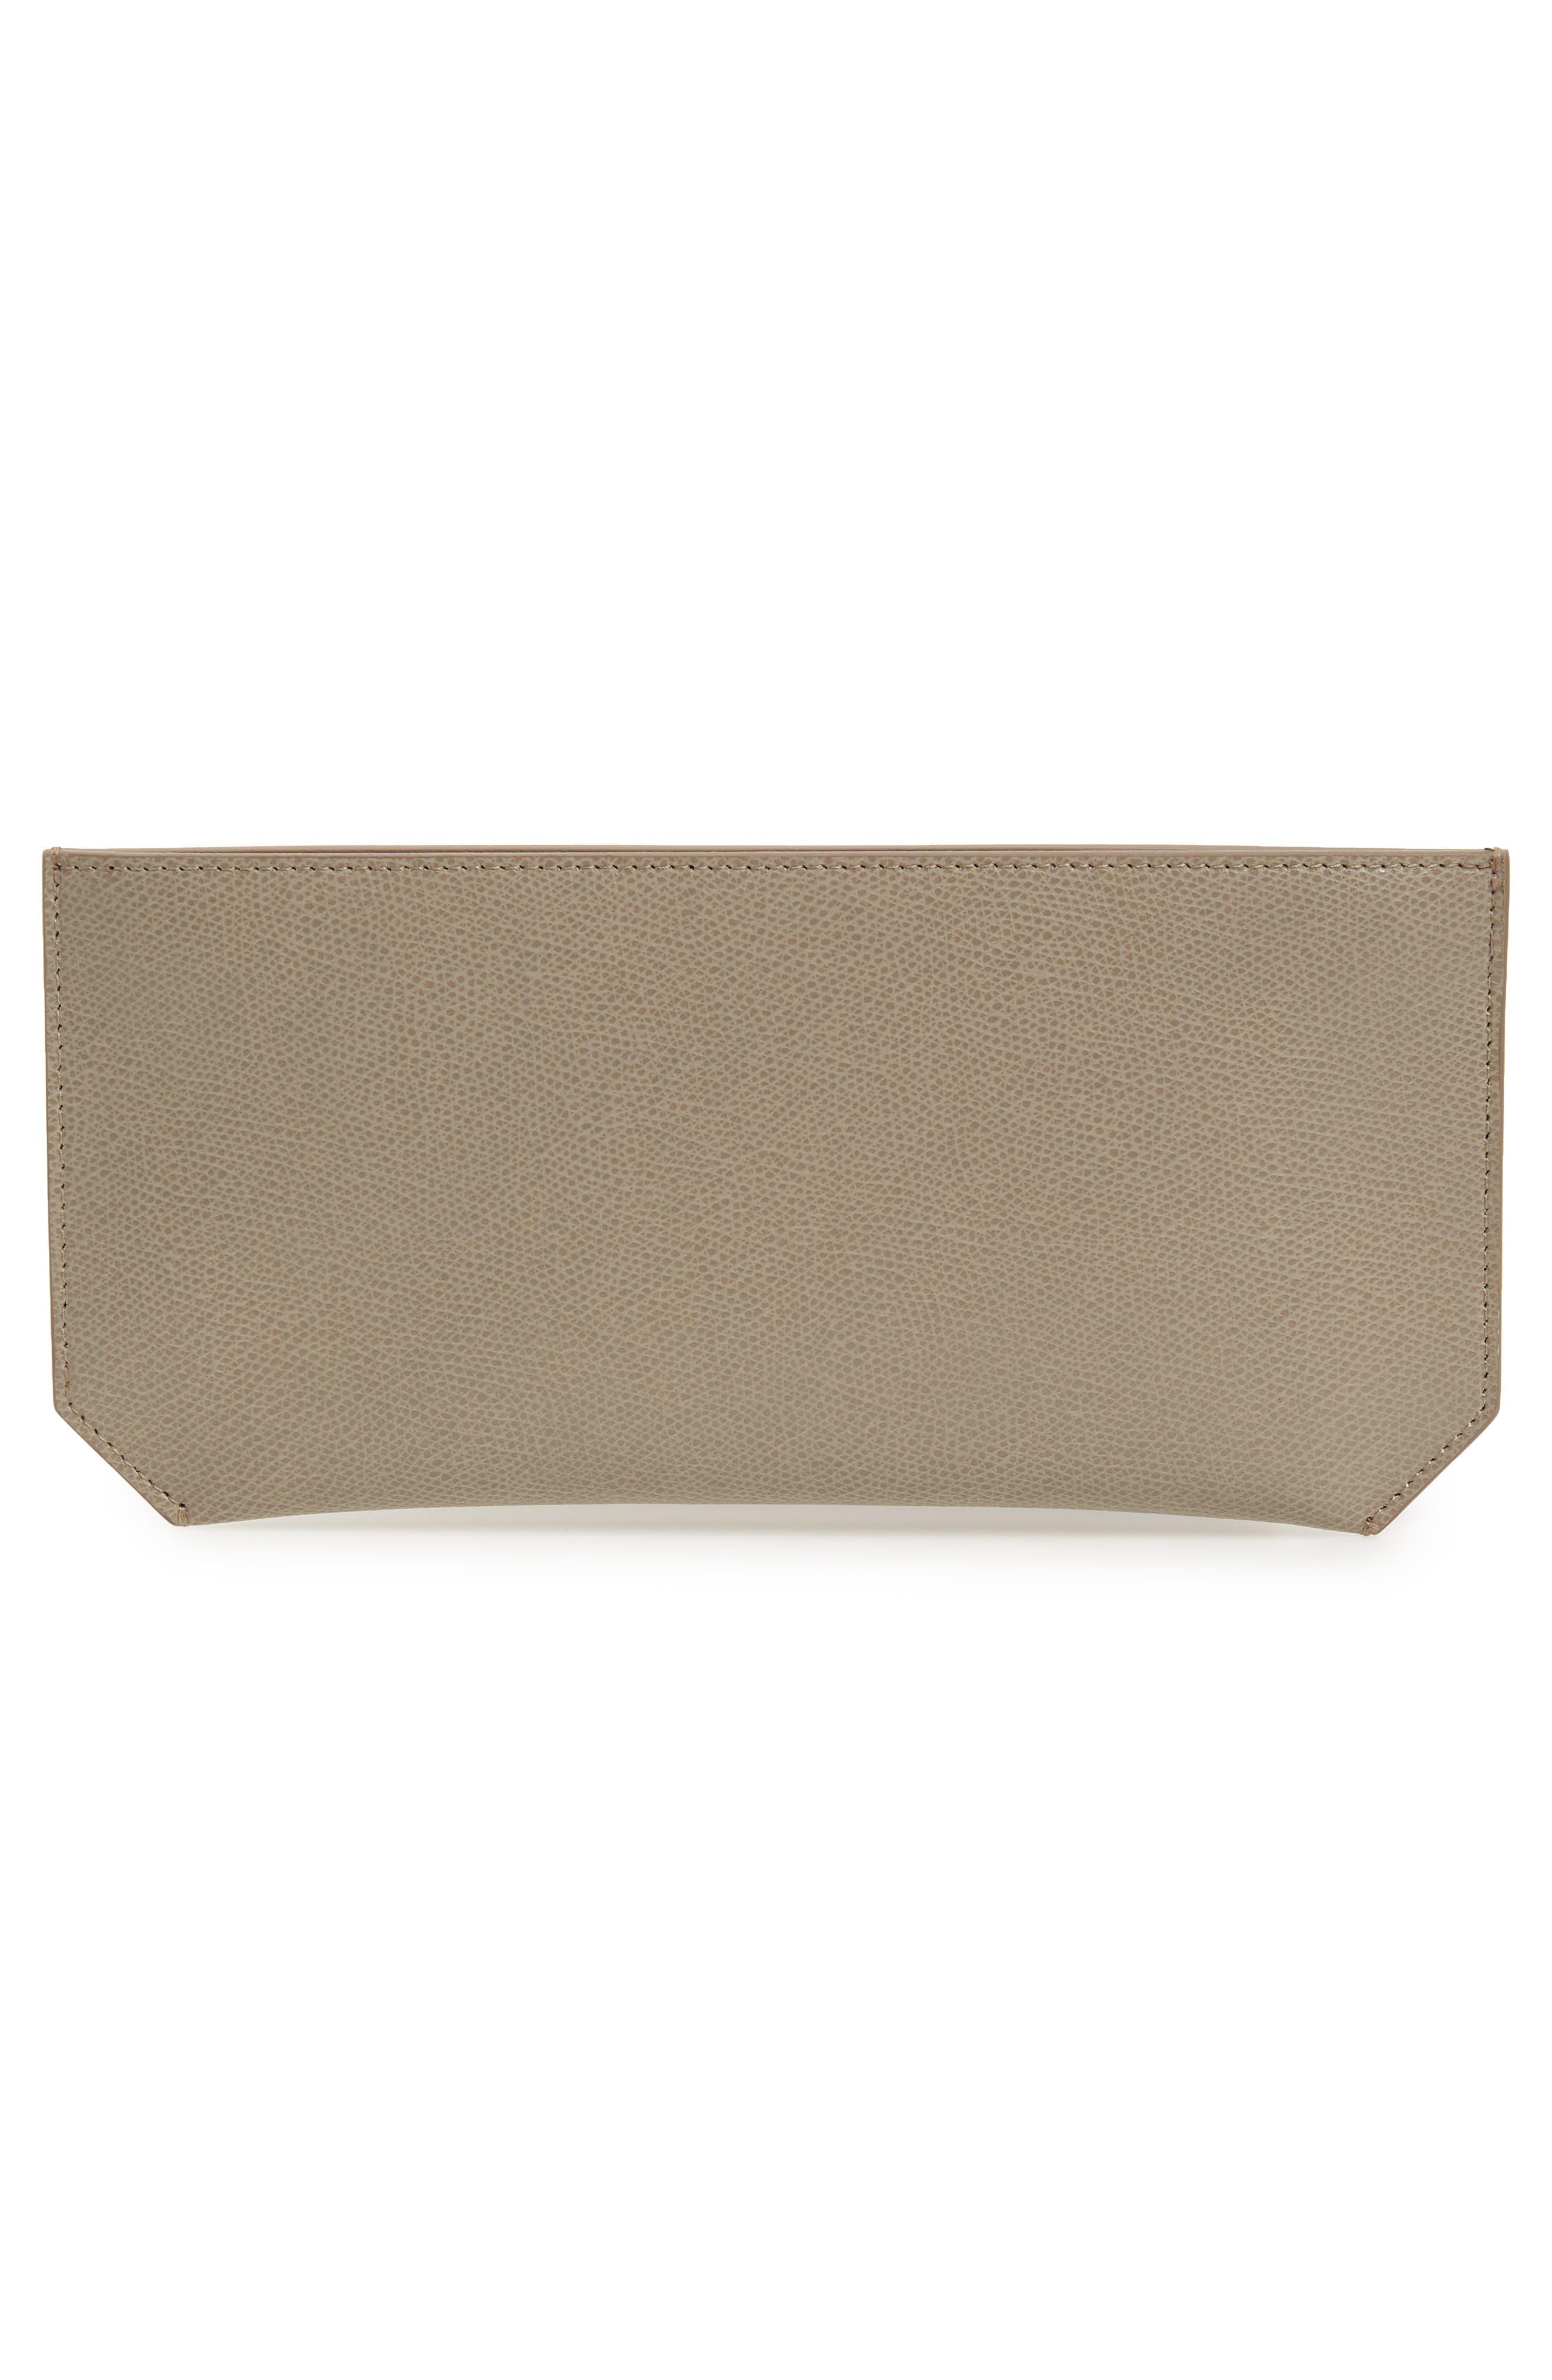 SENREVE, Pebbled Leather Bracelet Pouch, Alternate thumbnail 3, color, SAND